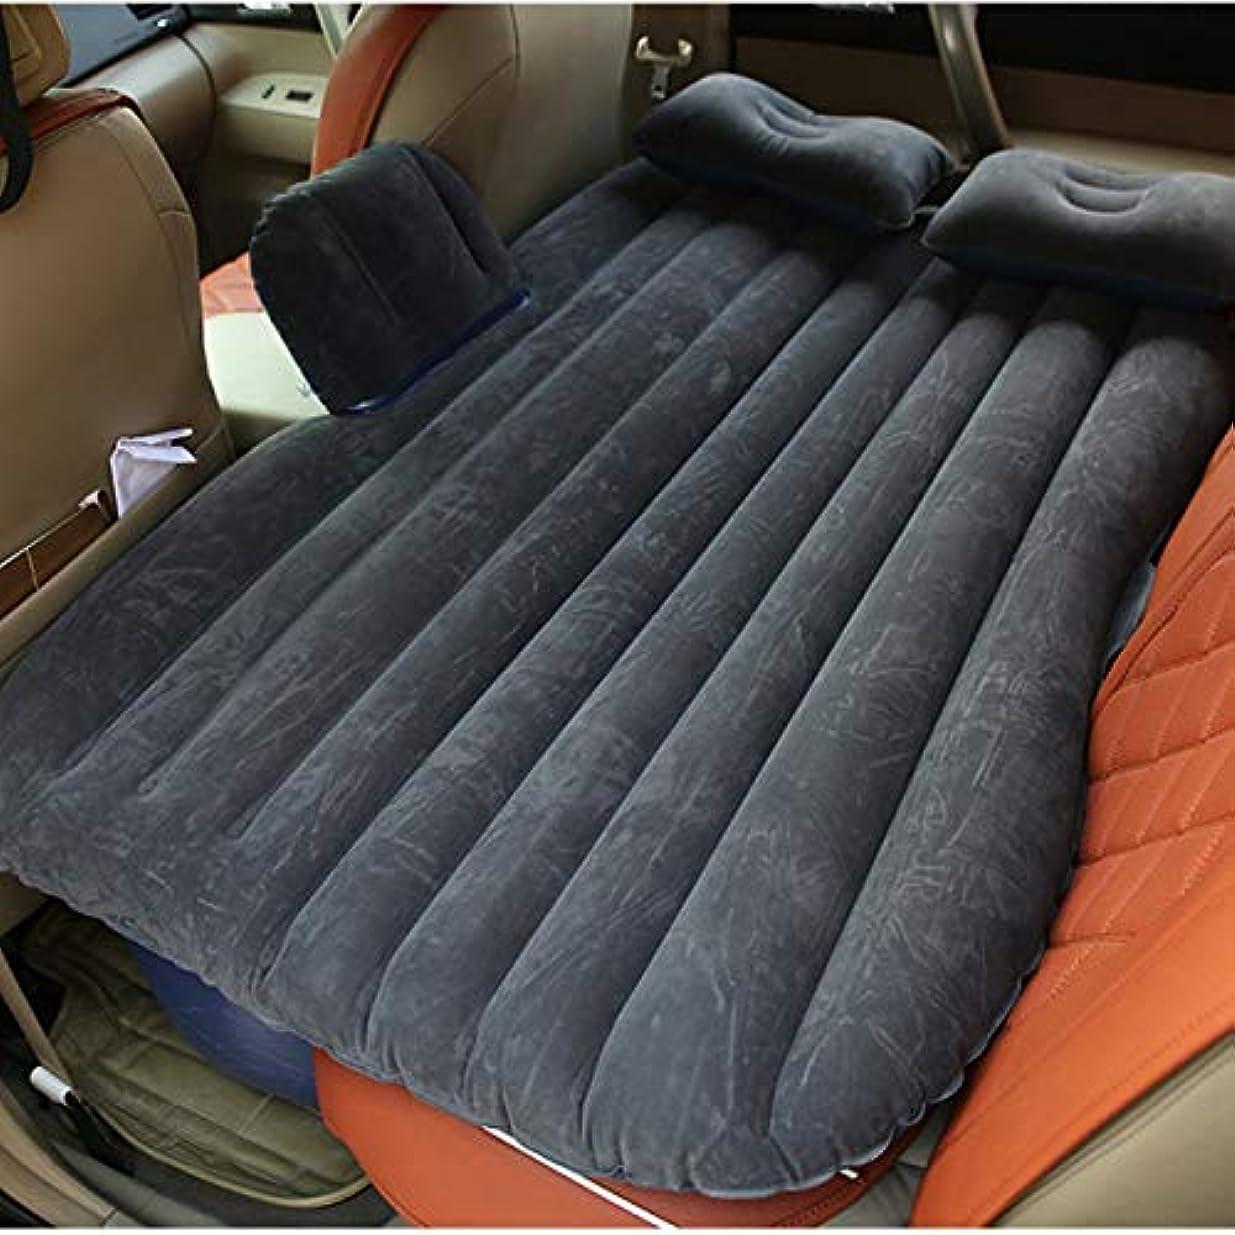 乗算最悪考えるSaikogoods 車内用大型耐久性に優れたカーバックシートカバーカーエアマットレス旅行ベッド防湿インフレータブルマットレスエアーベッド 黒